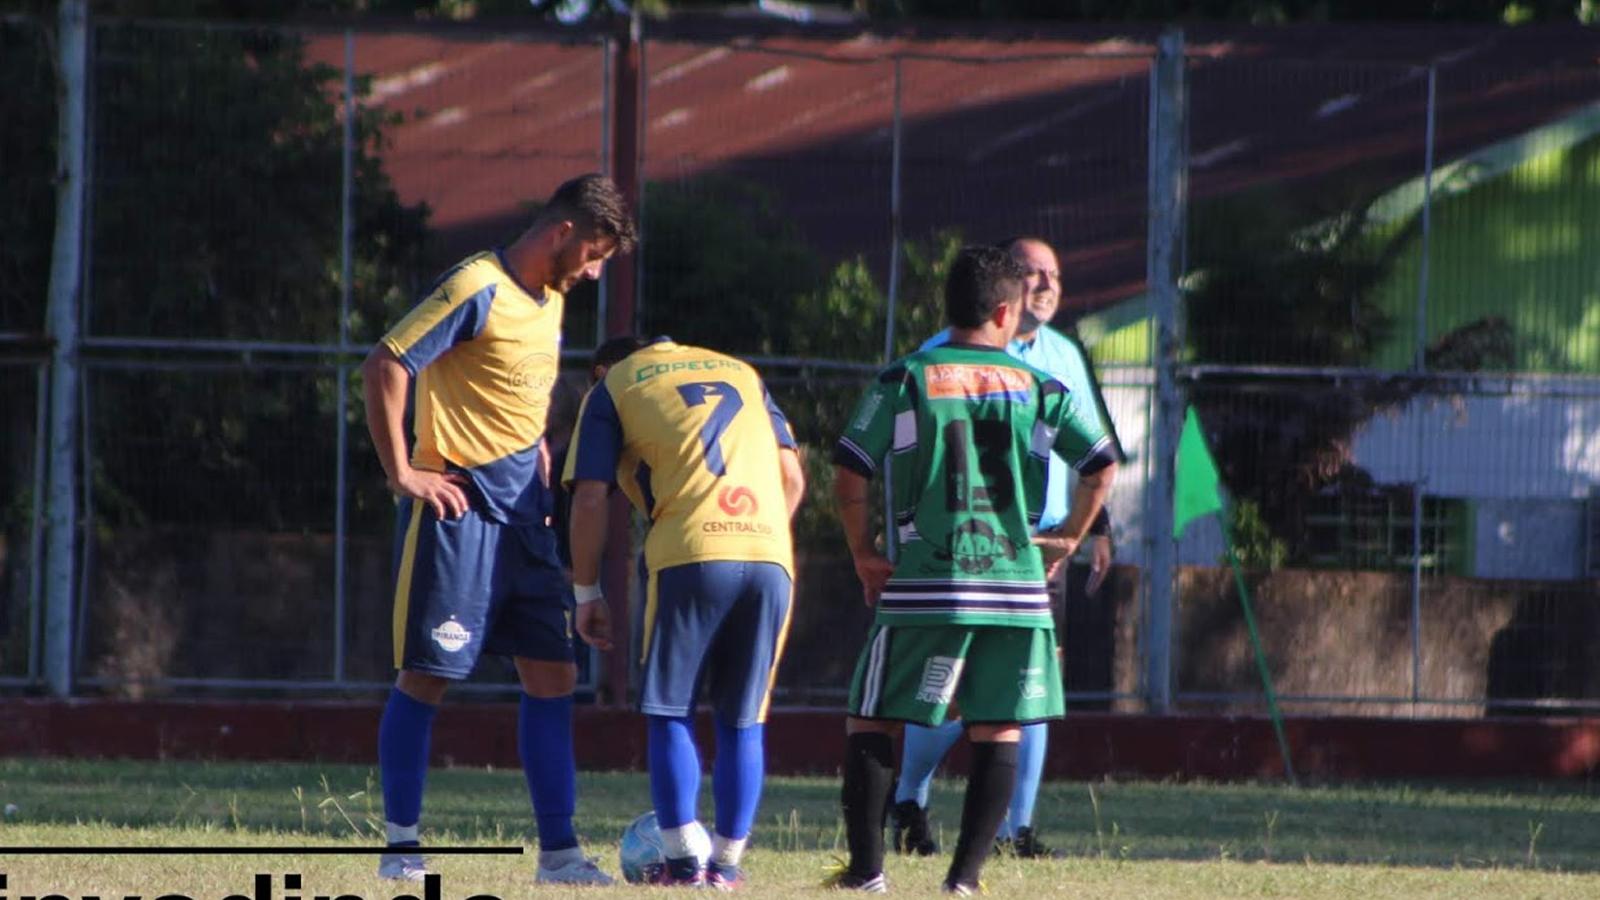 Municipal de Futebol de Campo de Não-Me-Toque pode retornar ainda em 2021